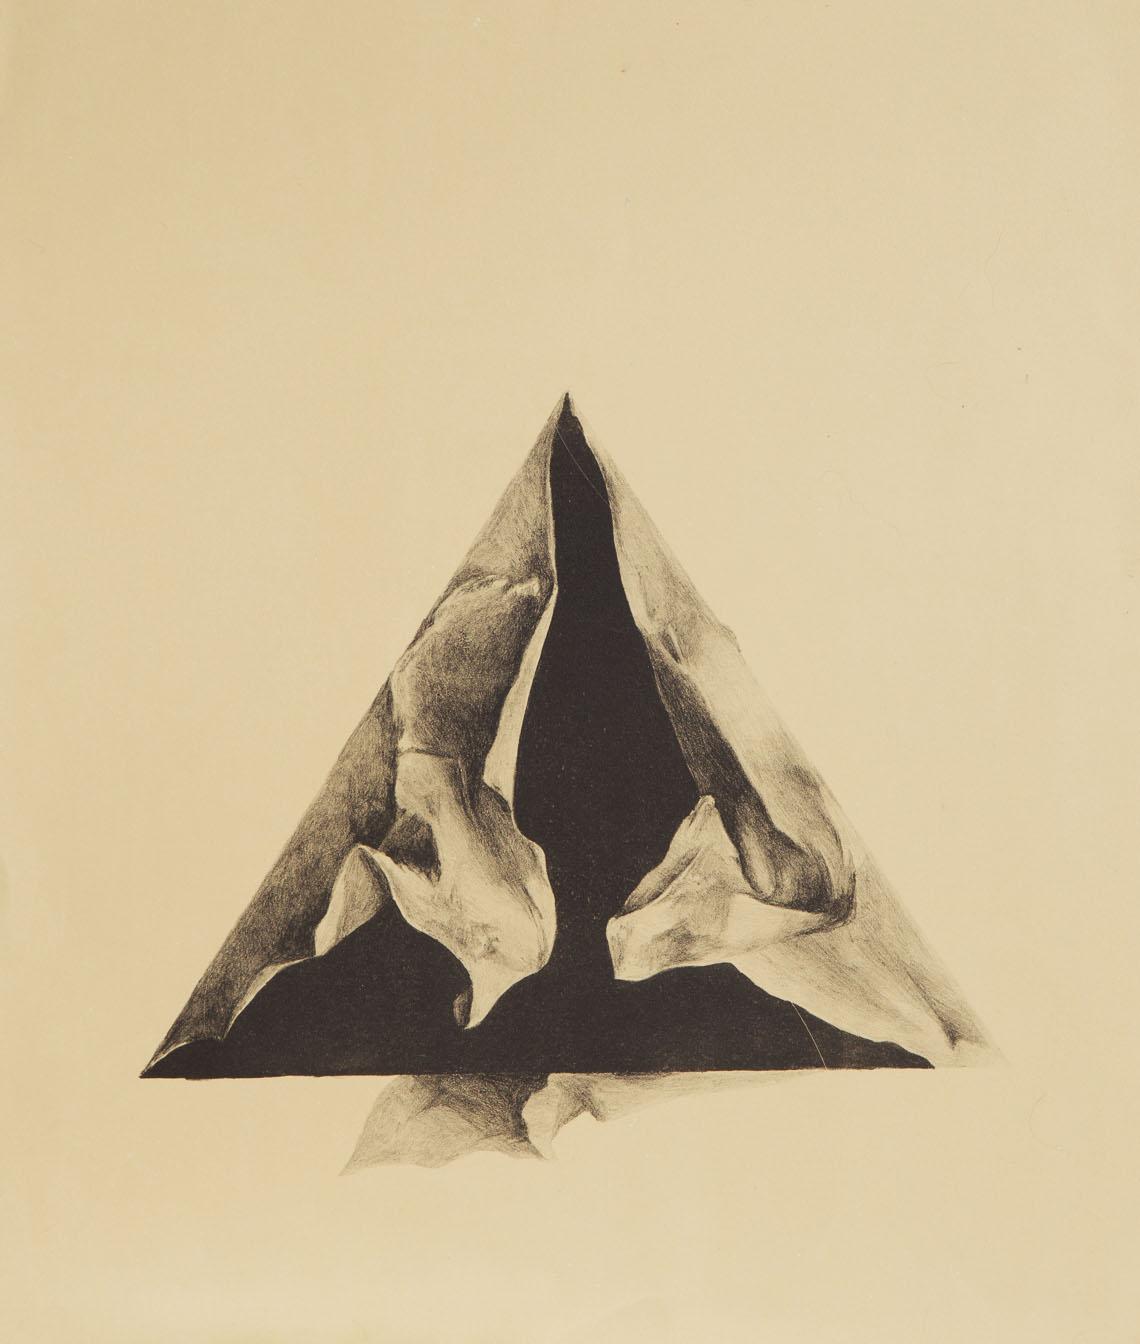 litho_triangle_01.jpg